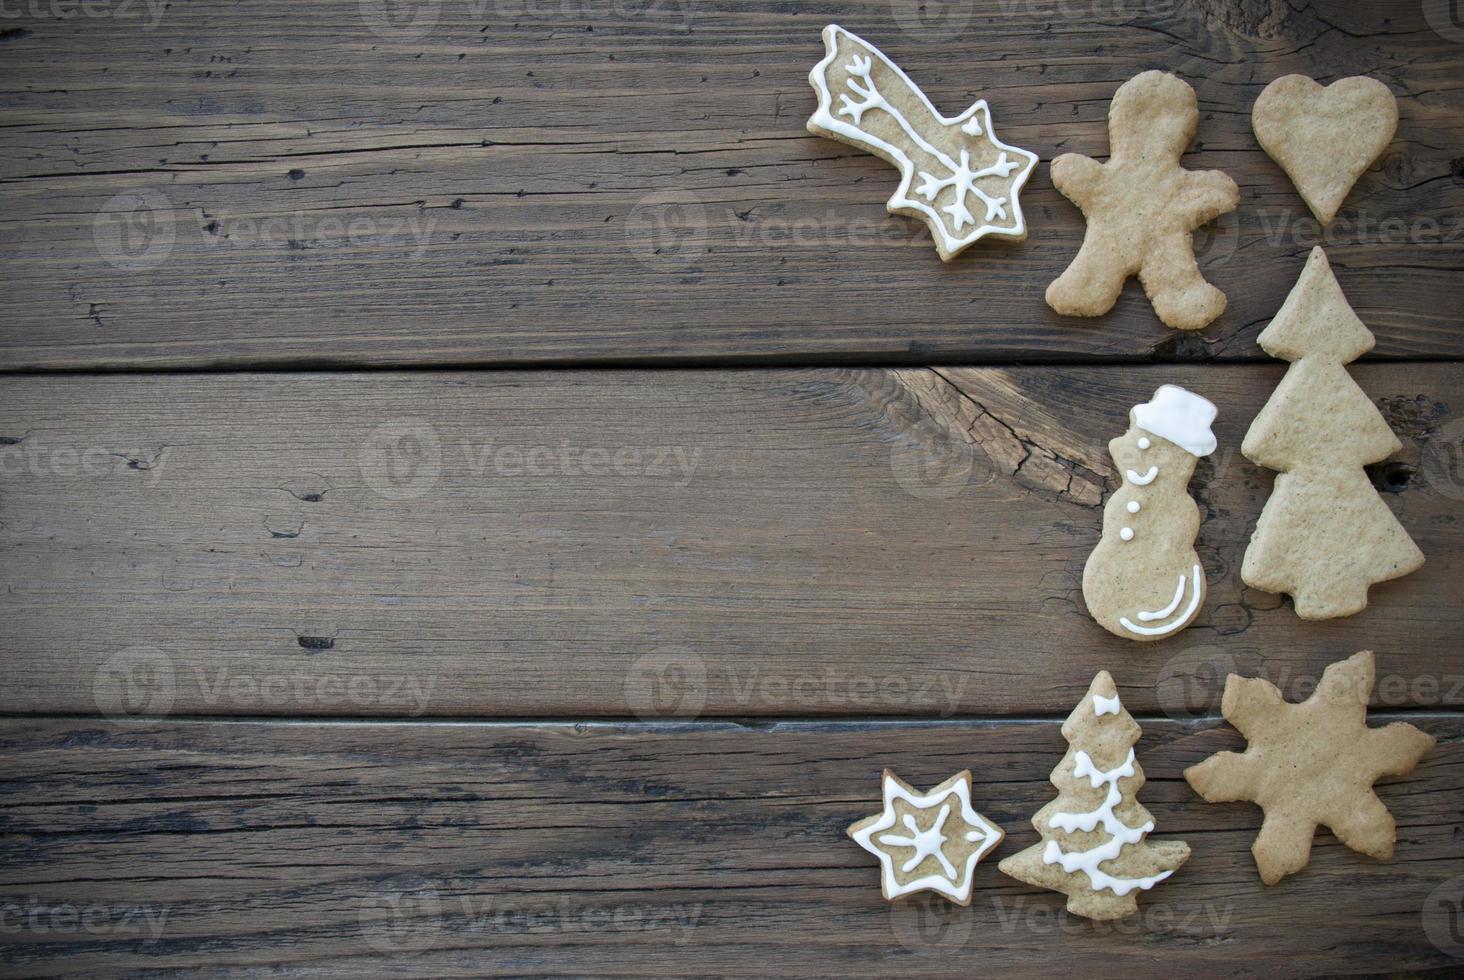 biscotti decorati del pane allo zenzero sulla plancia di legno foto